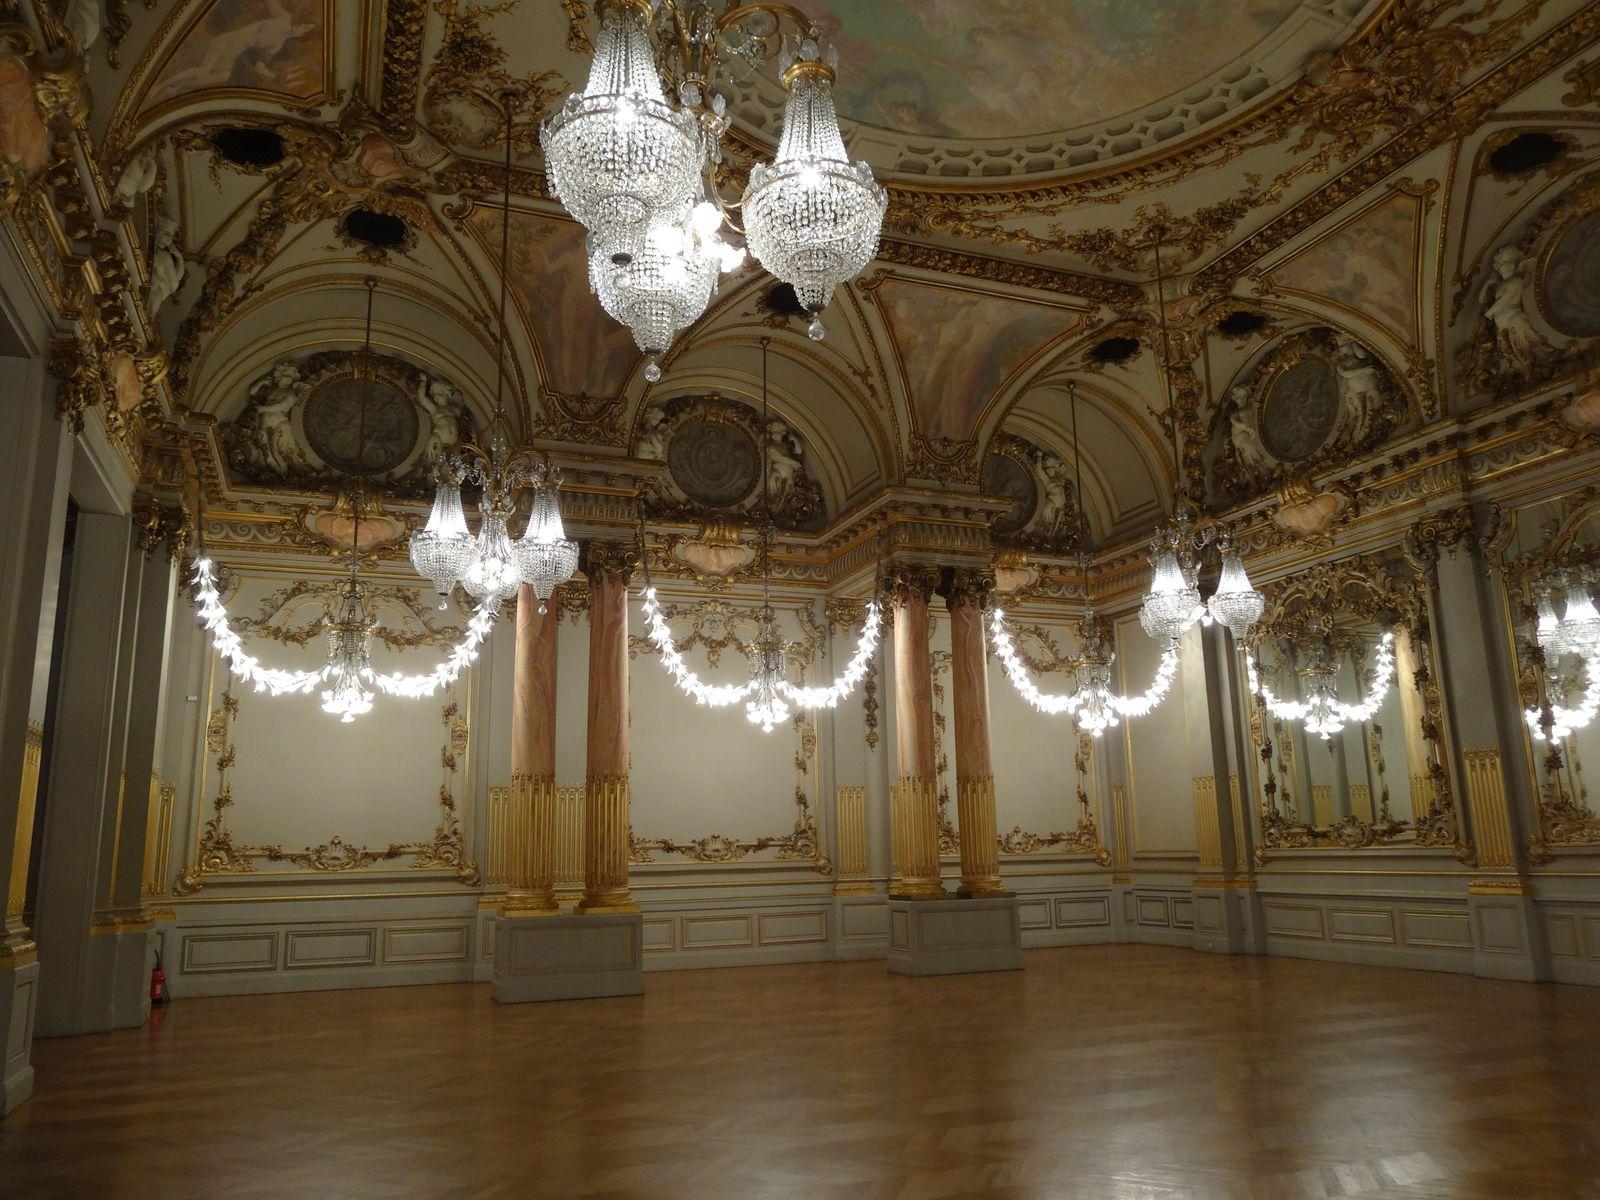 Le musée d'Orsay, d'autres images